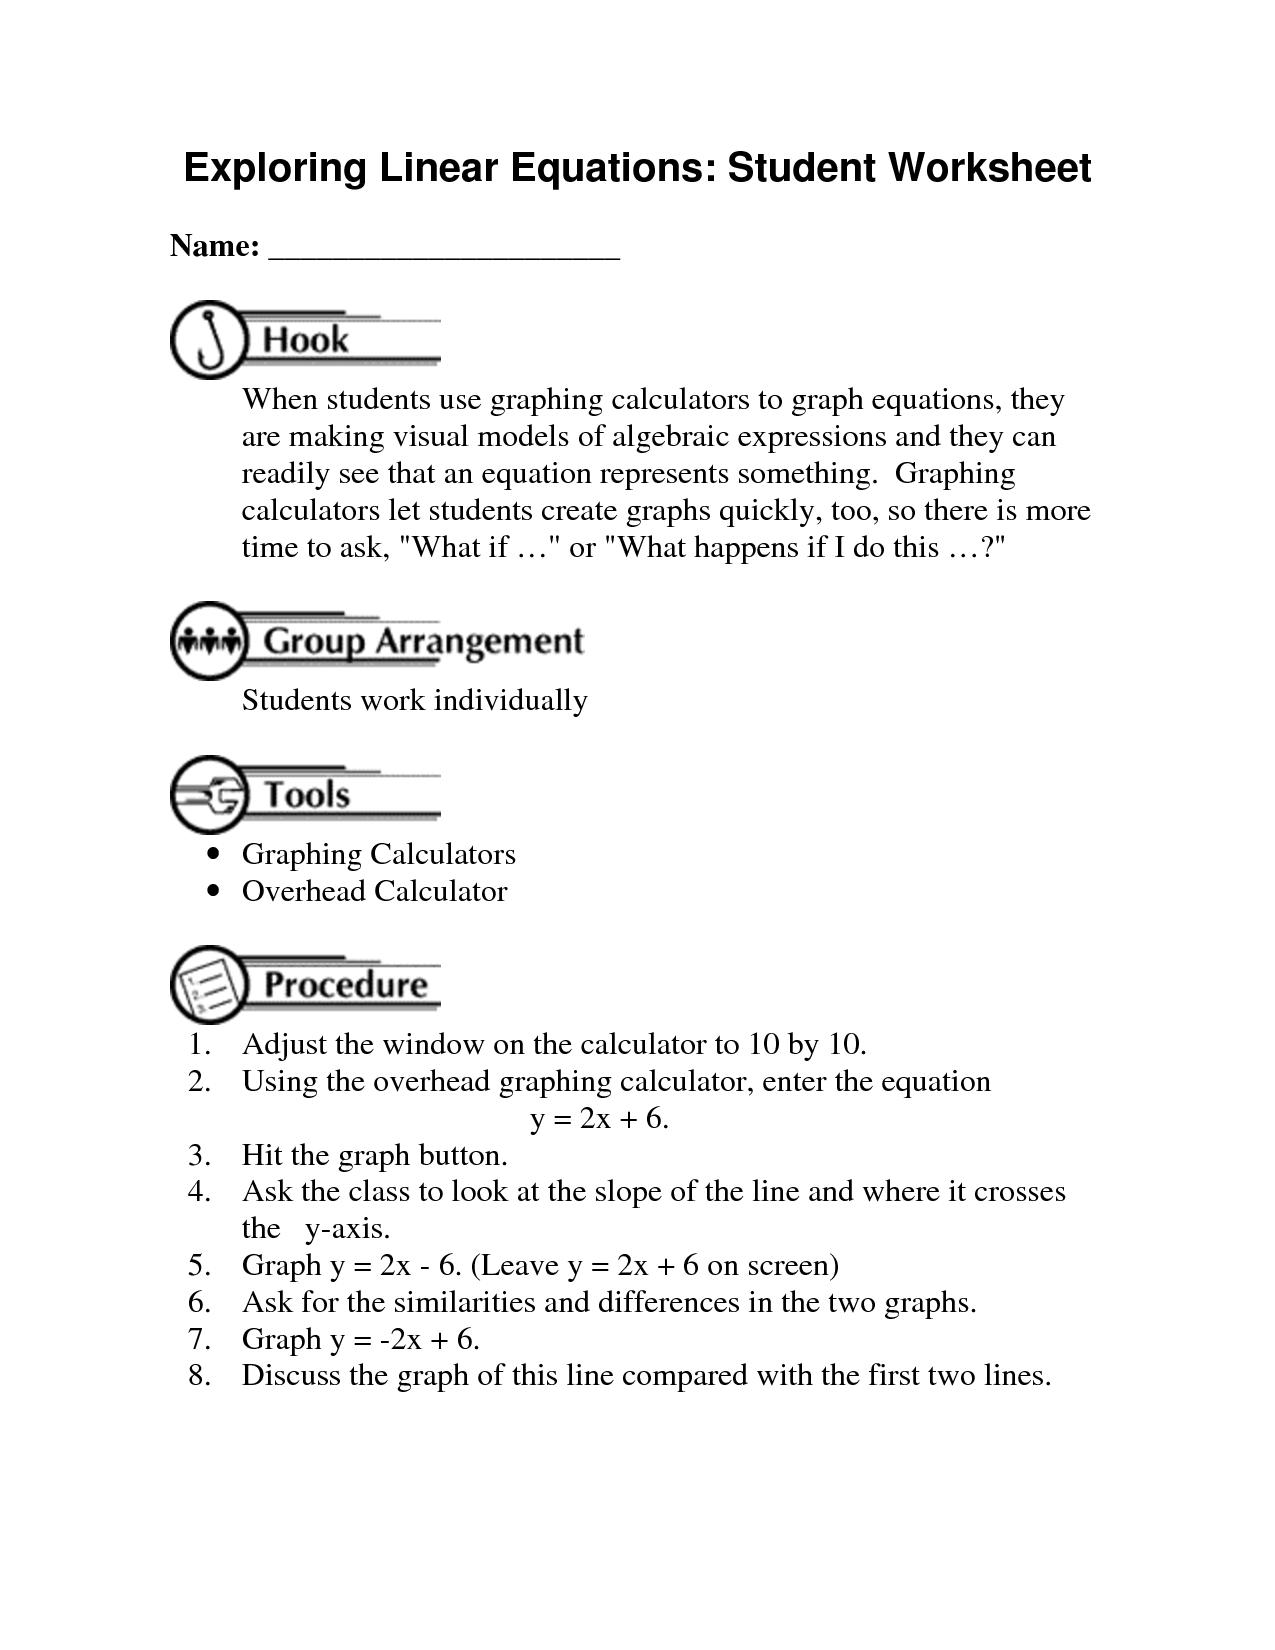 algebraic equations chart | exploring linear equations student